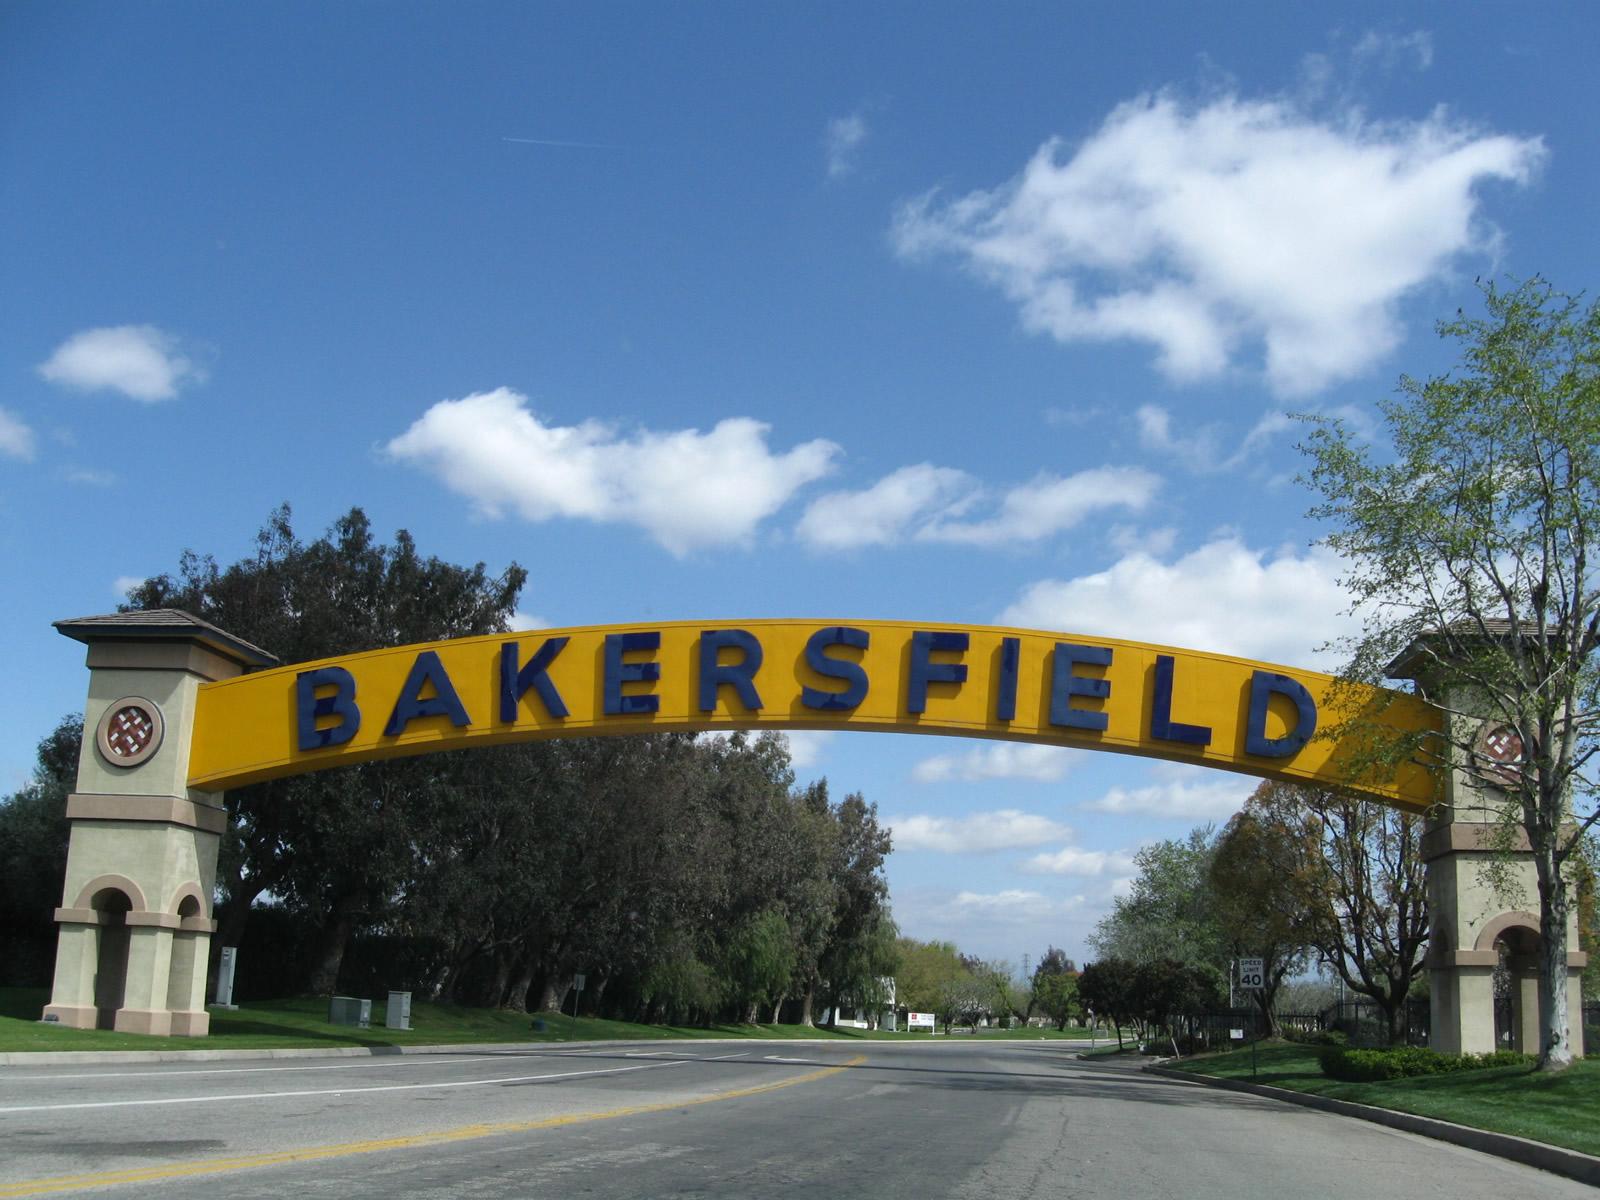 Bakersfield Aaroads